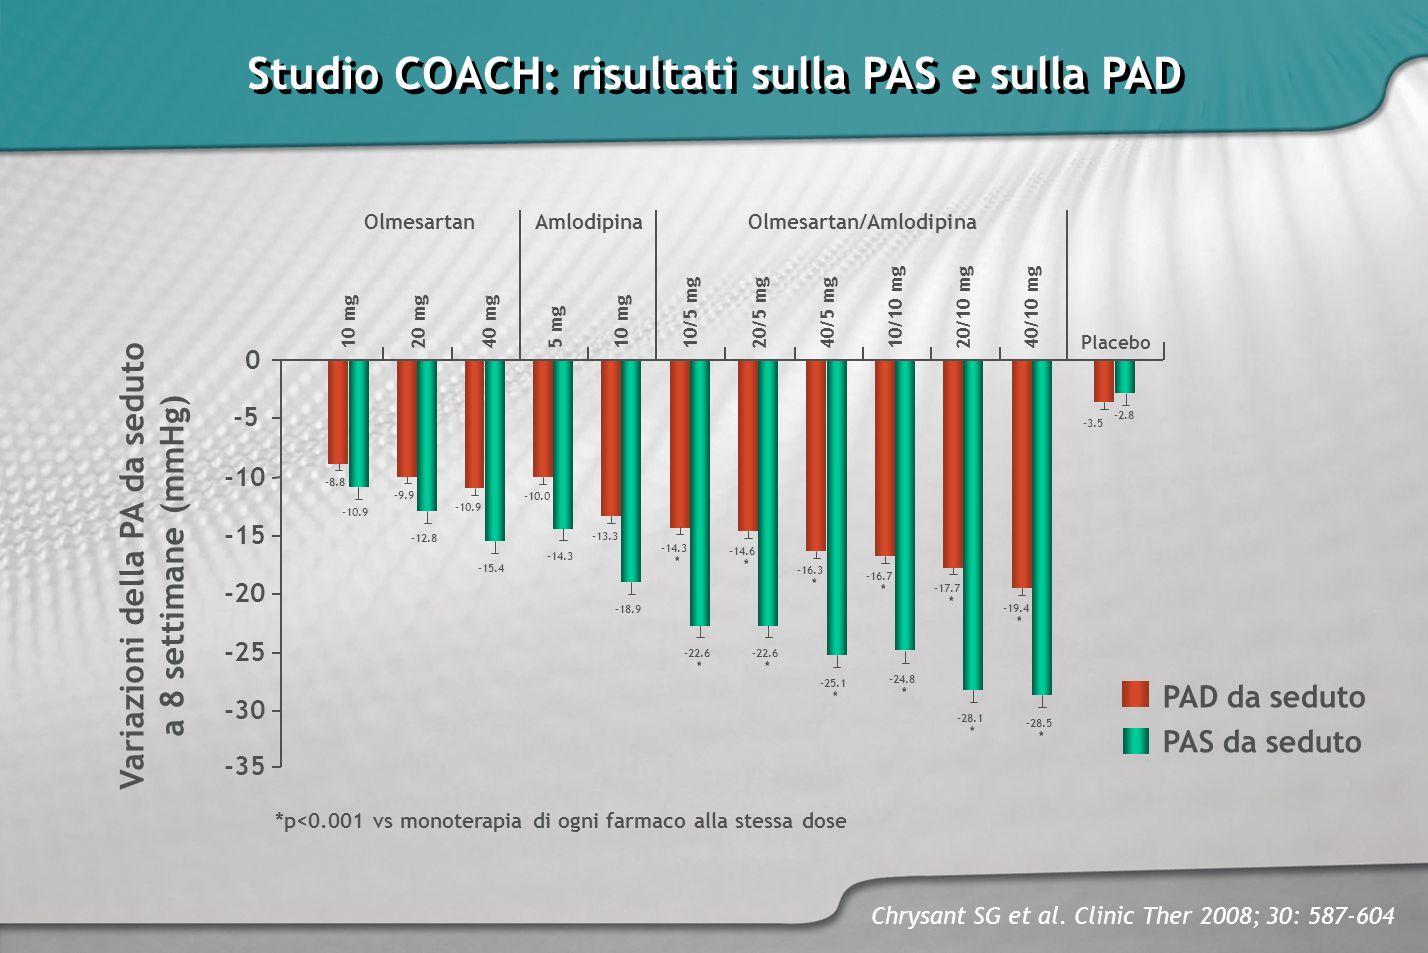 Studio COACH: risultati sulla PAS e sulla PAD Chrysant SG et al. Clinic Ther 2008; 30: 587-604 -20 -15 -10 -5 0 Variazioni della PA da seduto a 8 sett